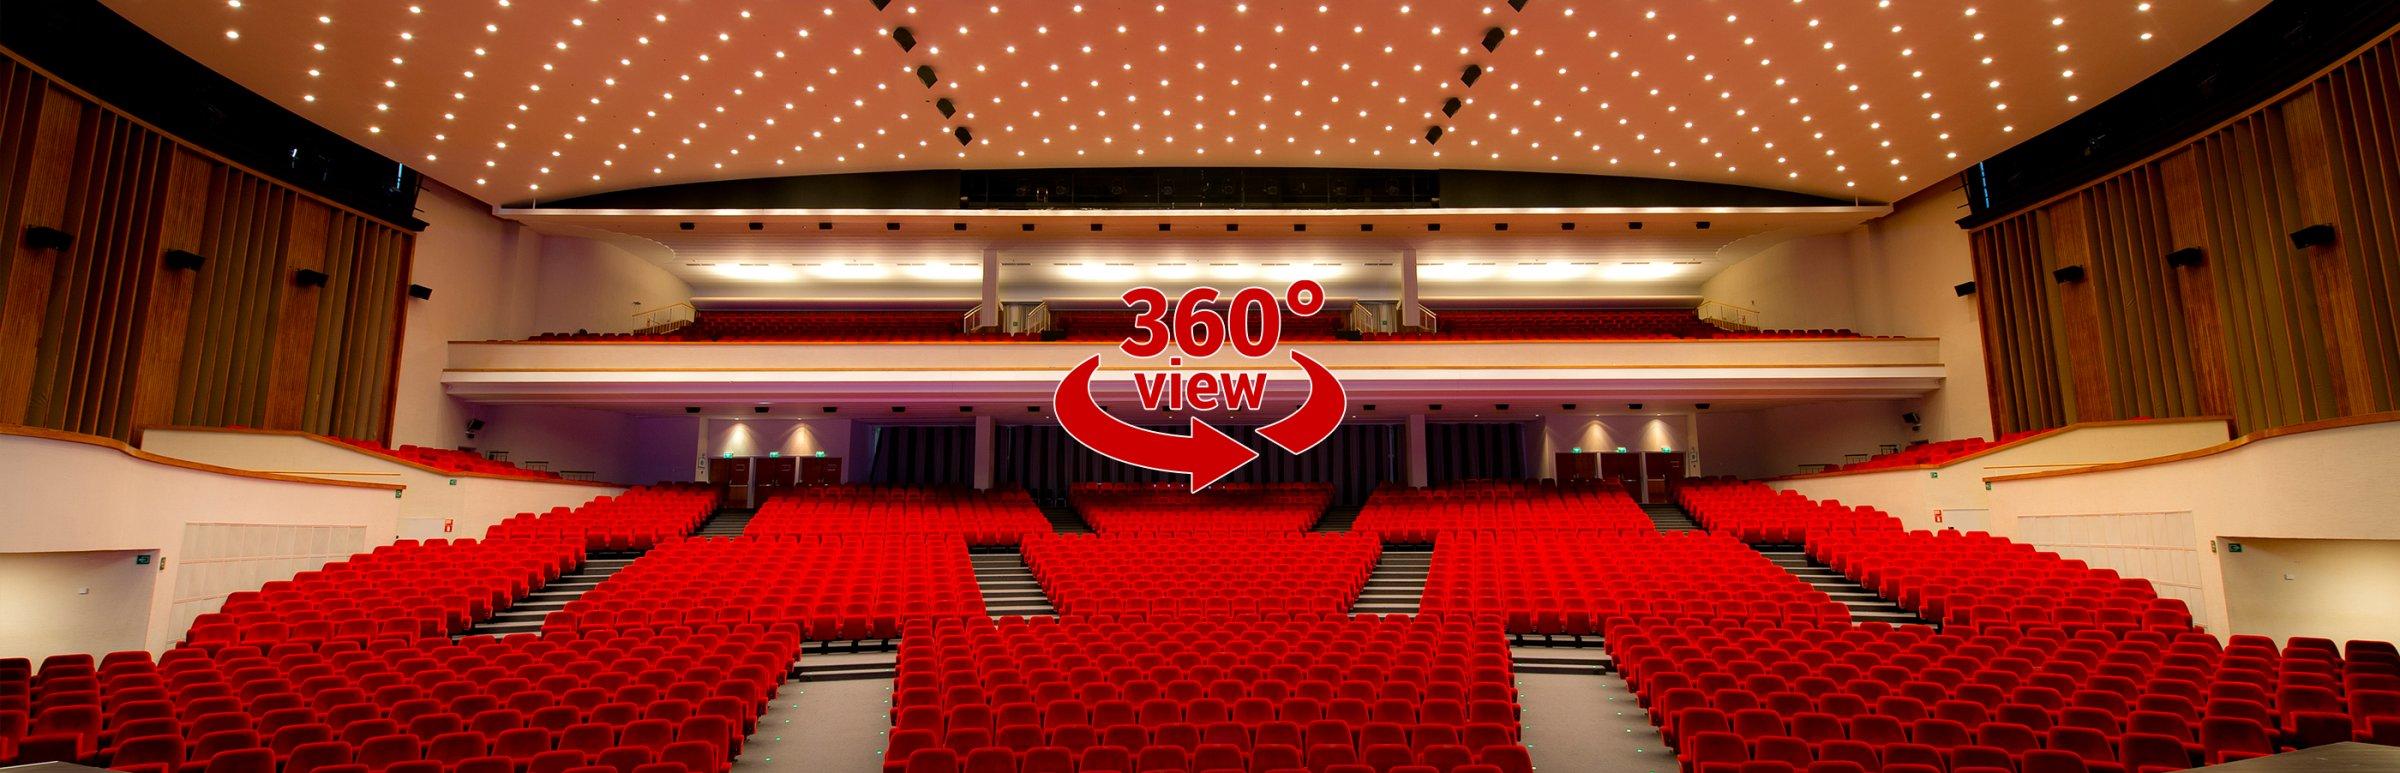 360 graden auditorium